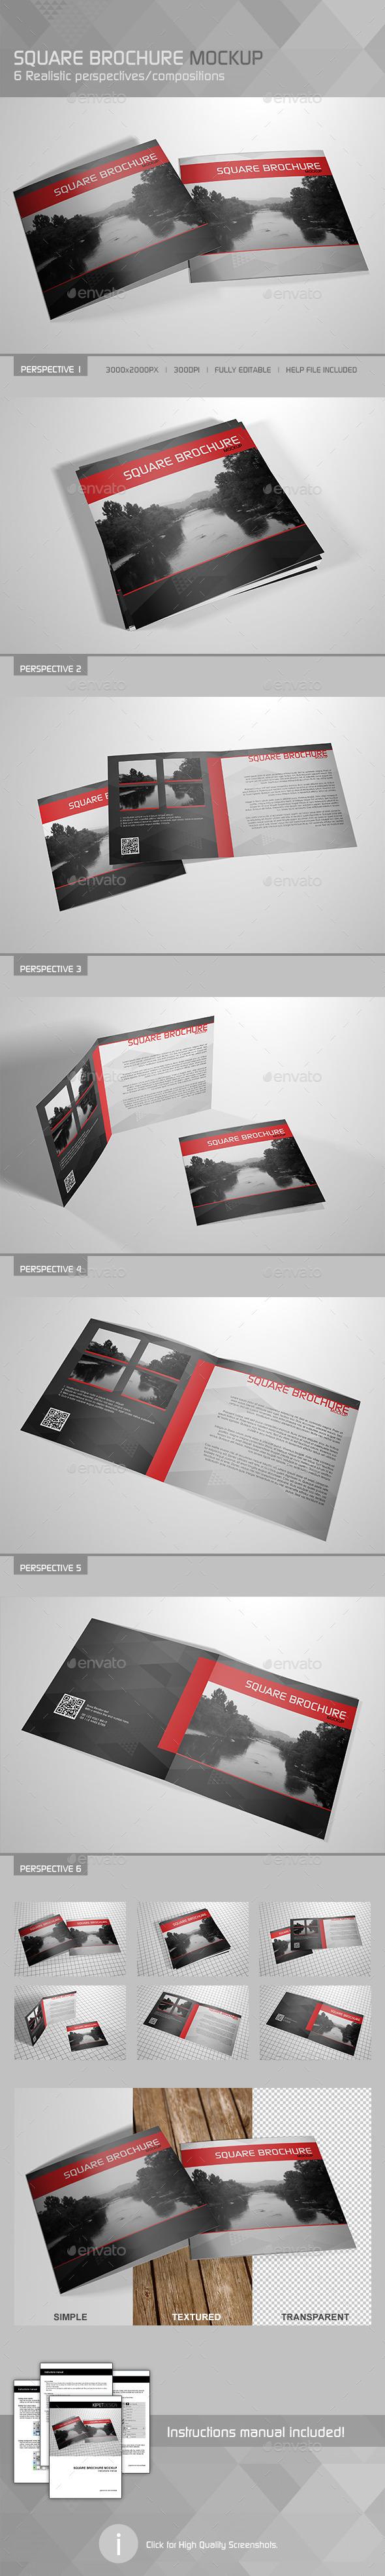 GraphicRiver Realistic Square Brochure Mockup 10267094